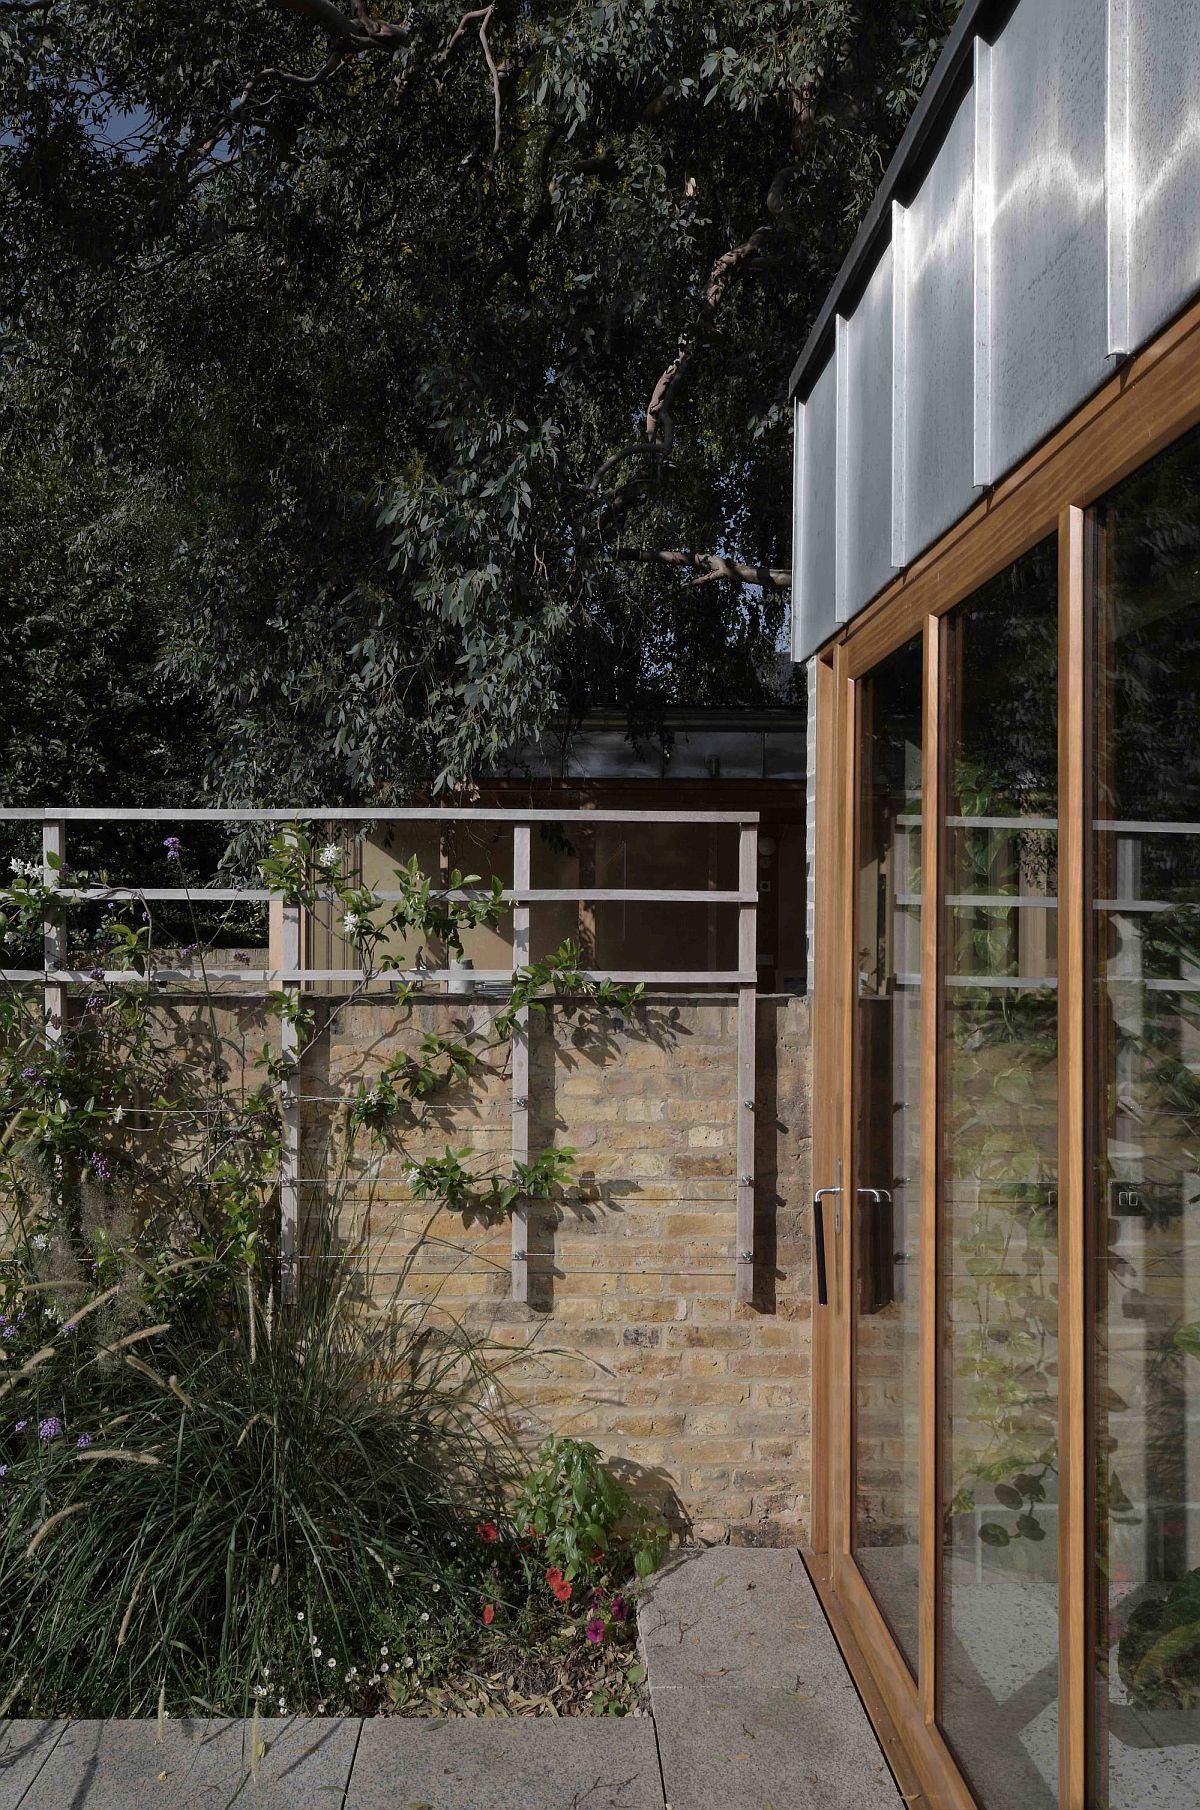 Les portes coulissantes en verre avec un bois offrent une intimité adéquate tout en apportant l'extérieur à l'intérieur